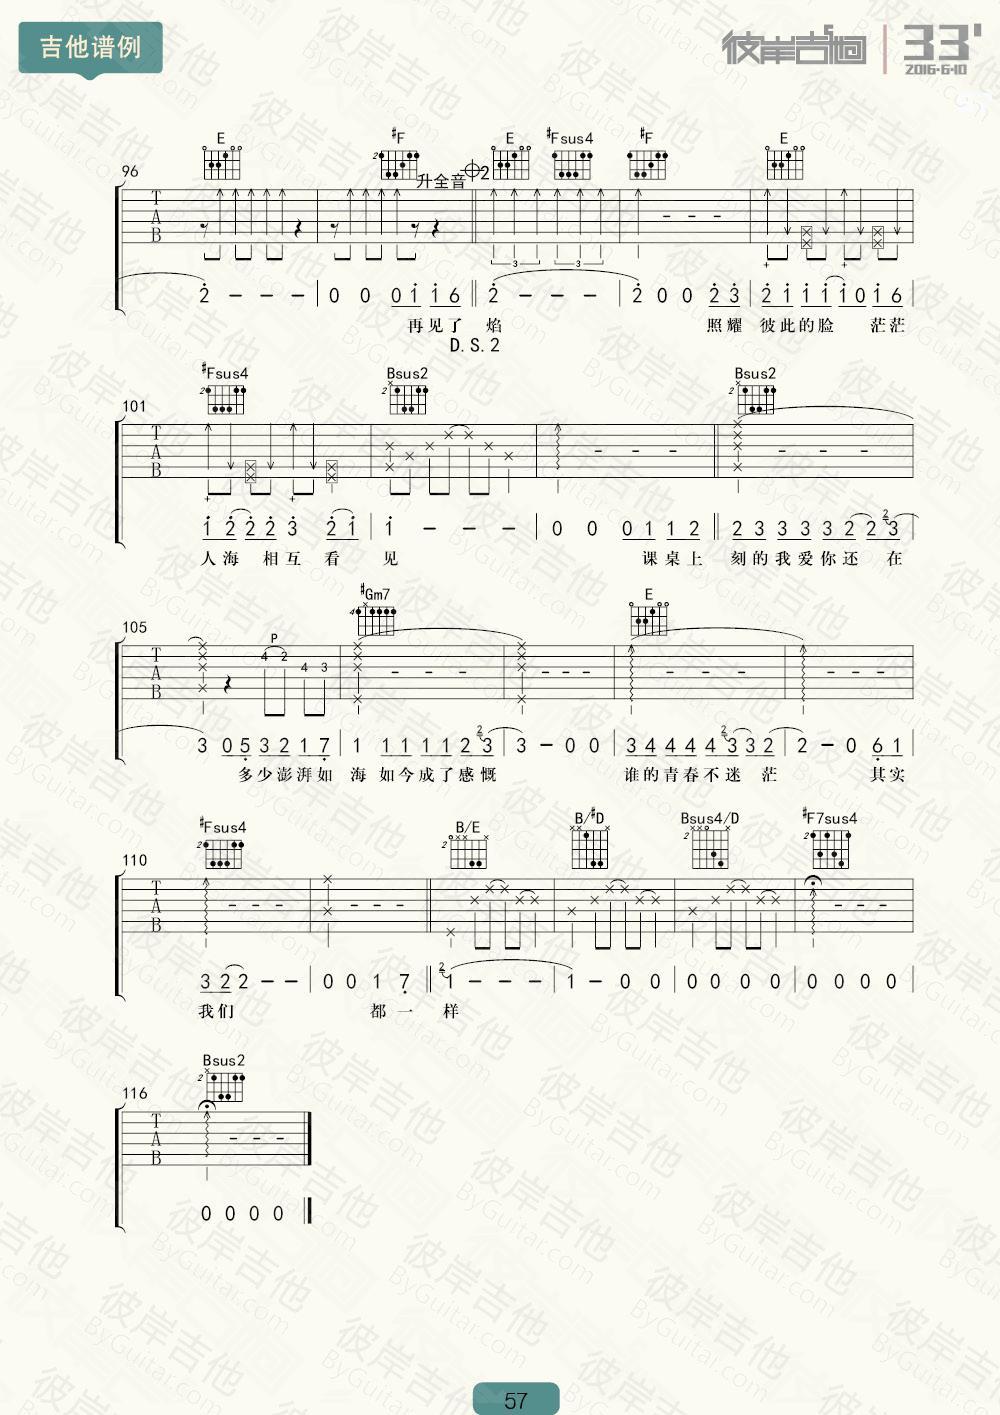 不说再见-(谁的青春不迷茫)毕业季主题曲的吉他谱